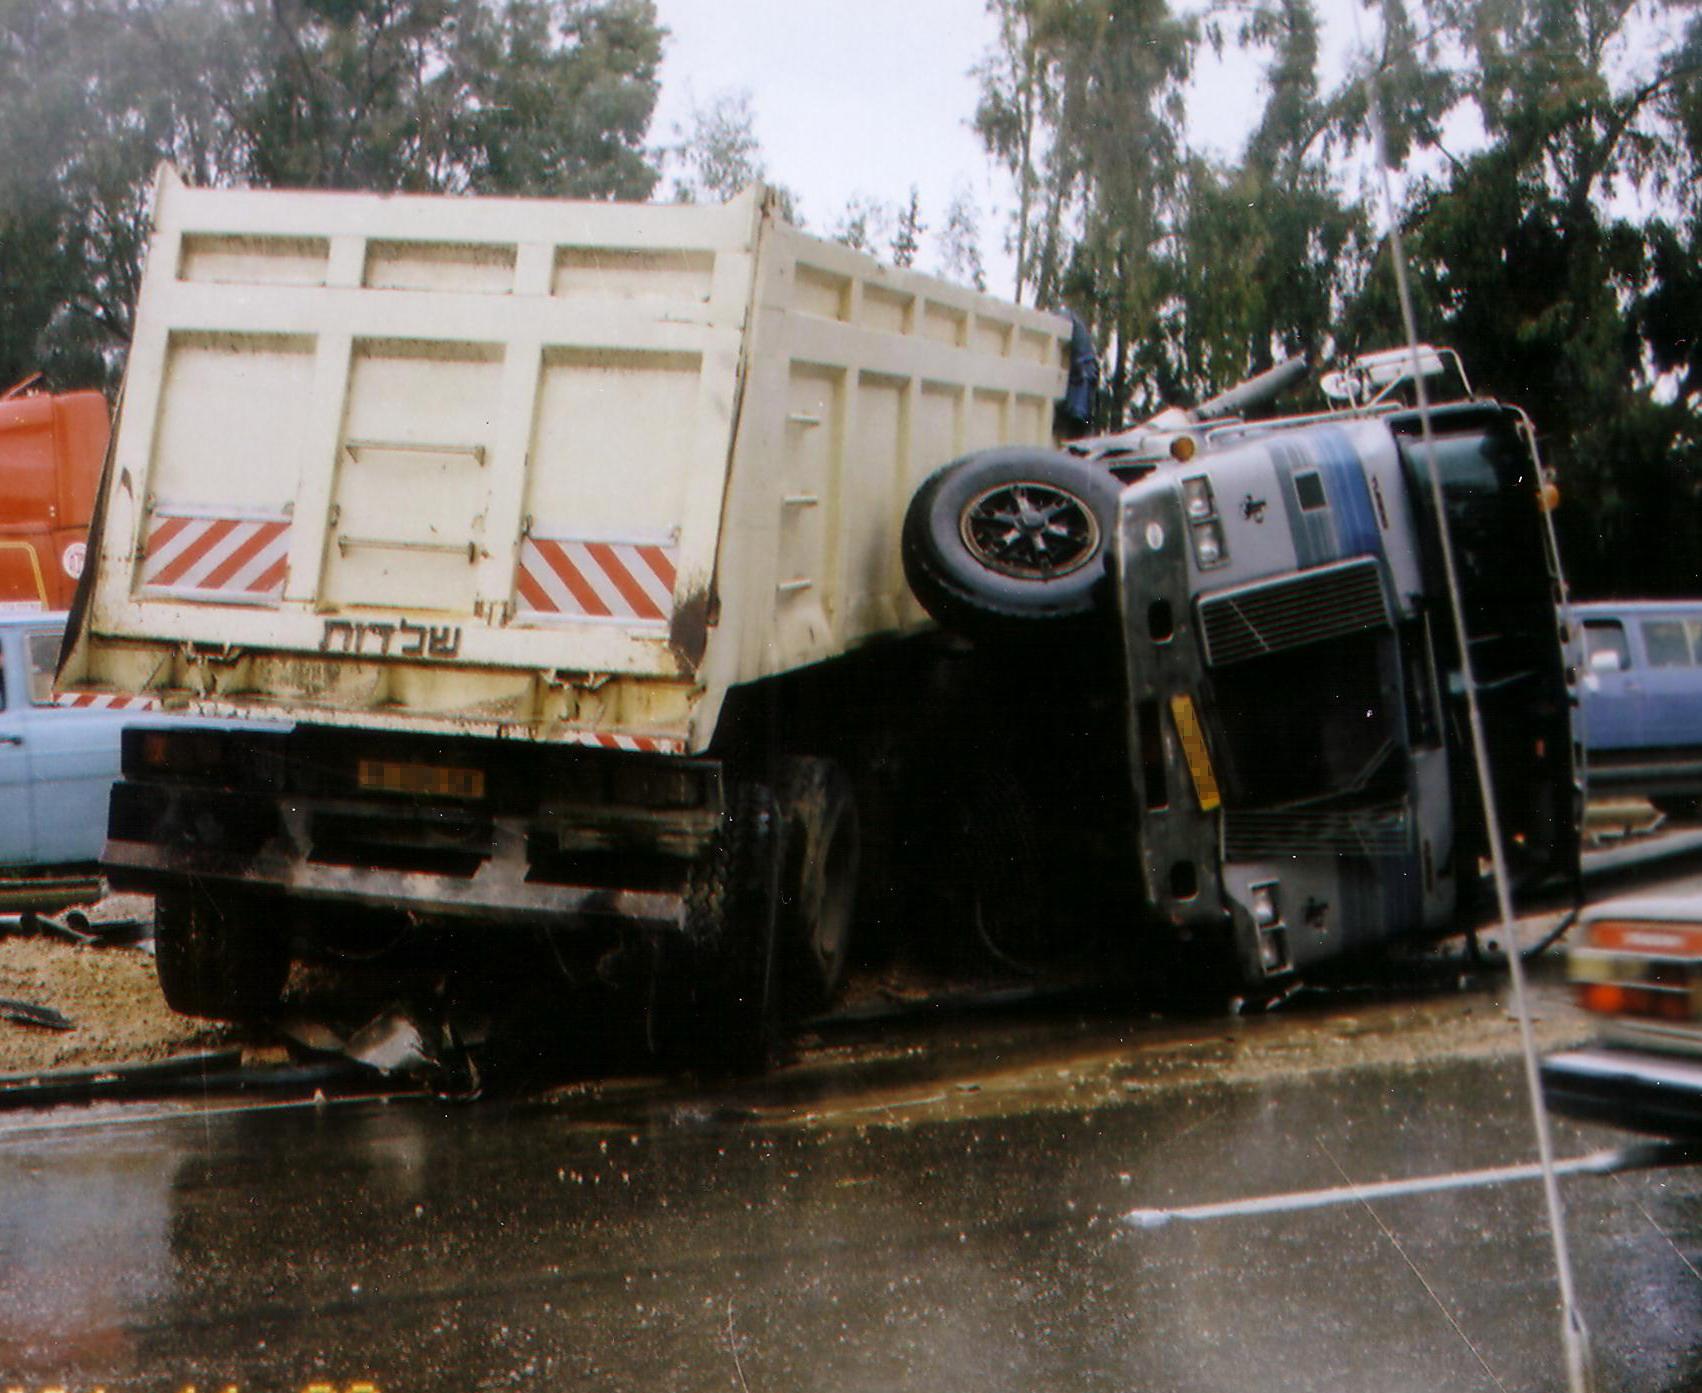 תאונת משאית - רכינה נגררת הפוכה